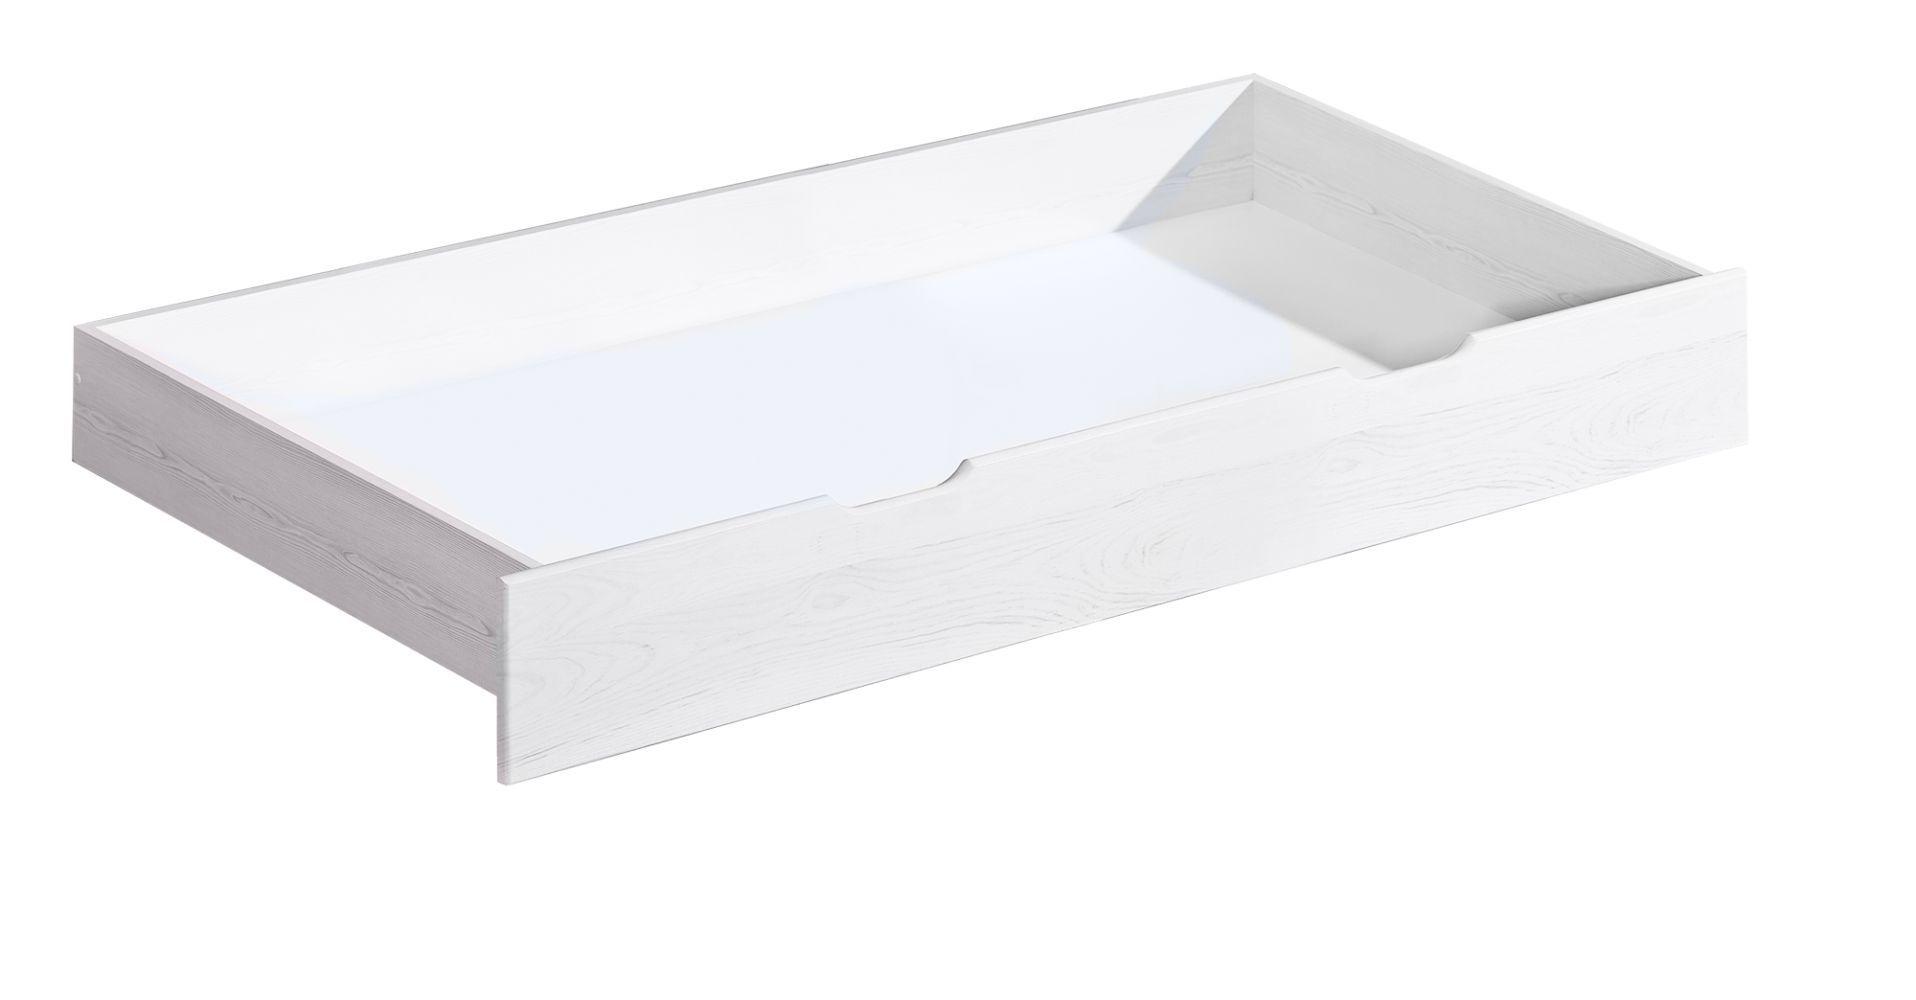 Schublade für Bett Gurami, Farbe: Weiß, massiv - 20 x 75 x 150 cm (H x B x L)